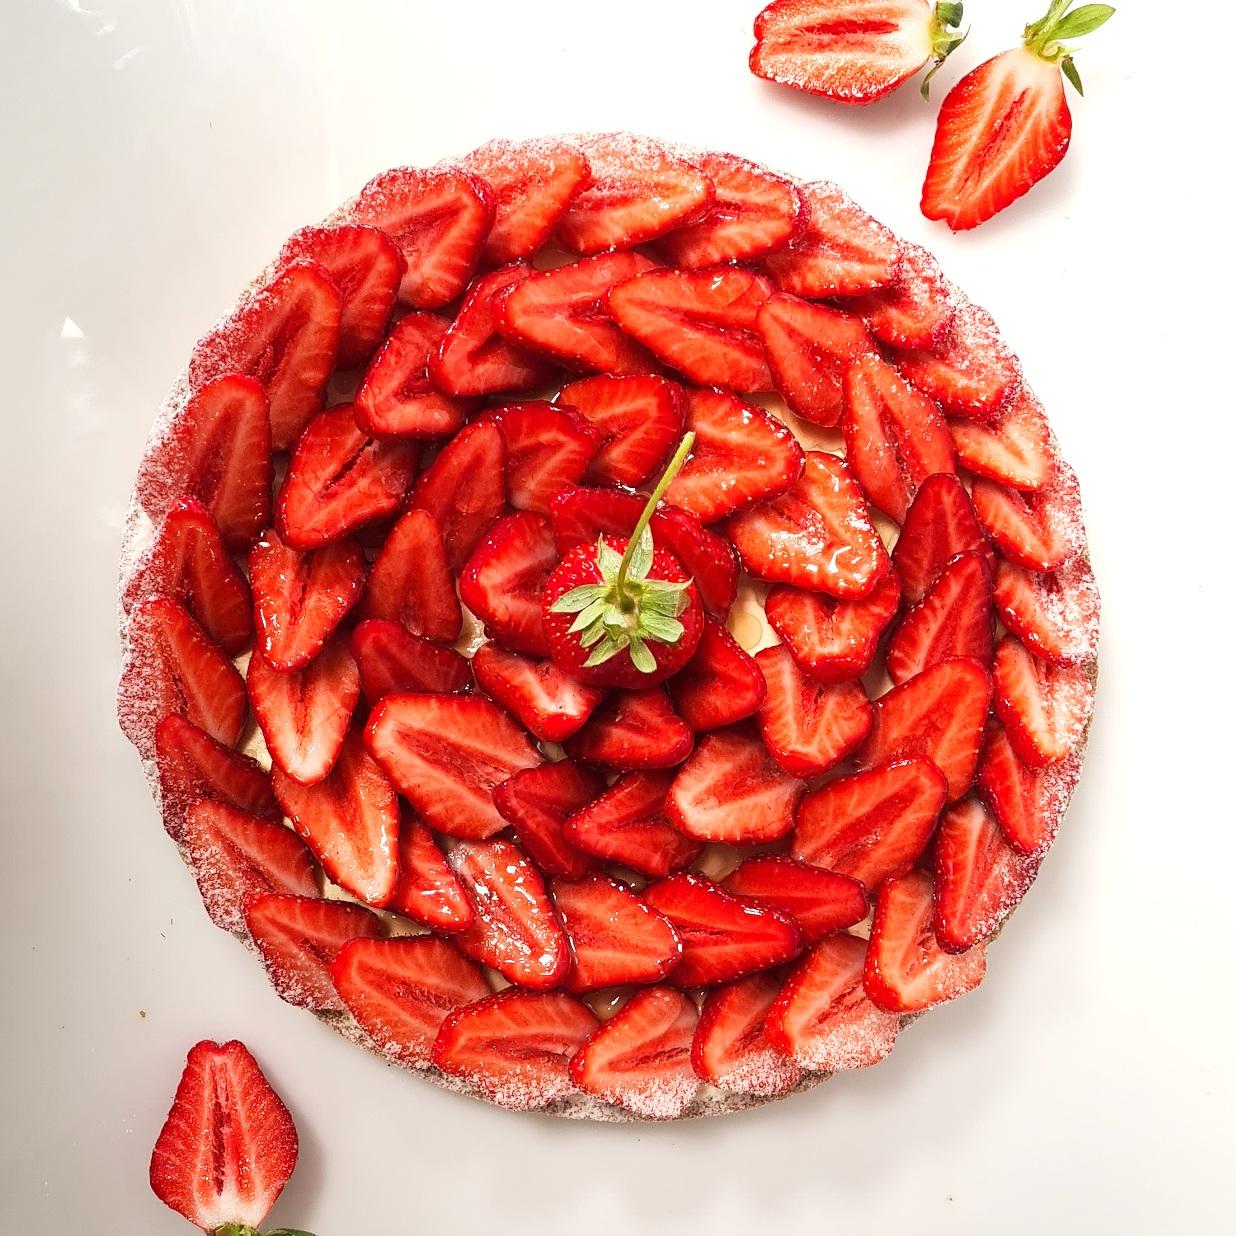 Pâte sucrée, crème mousseline, fraises fraiches 4 pers. 22 € 6 pers. 33 € 8 pers. 44 € 10 pers. ou plus, nous contacter (Selon saison)